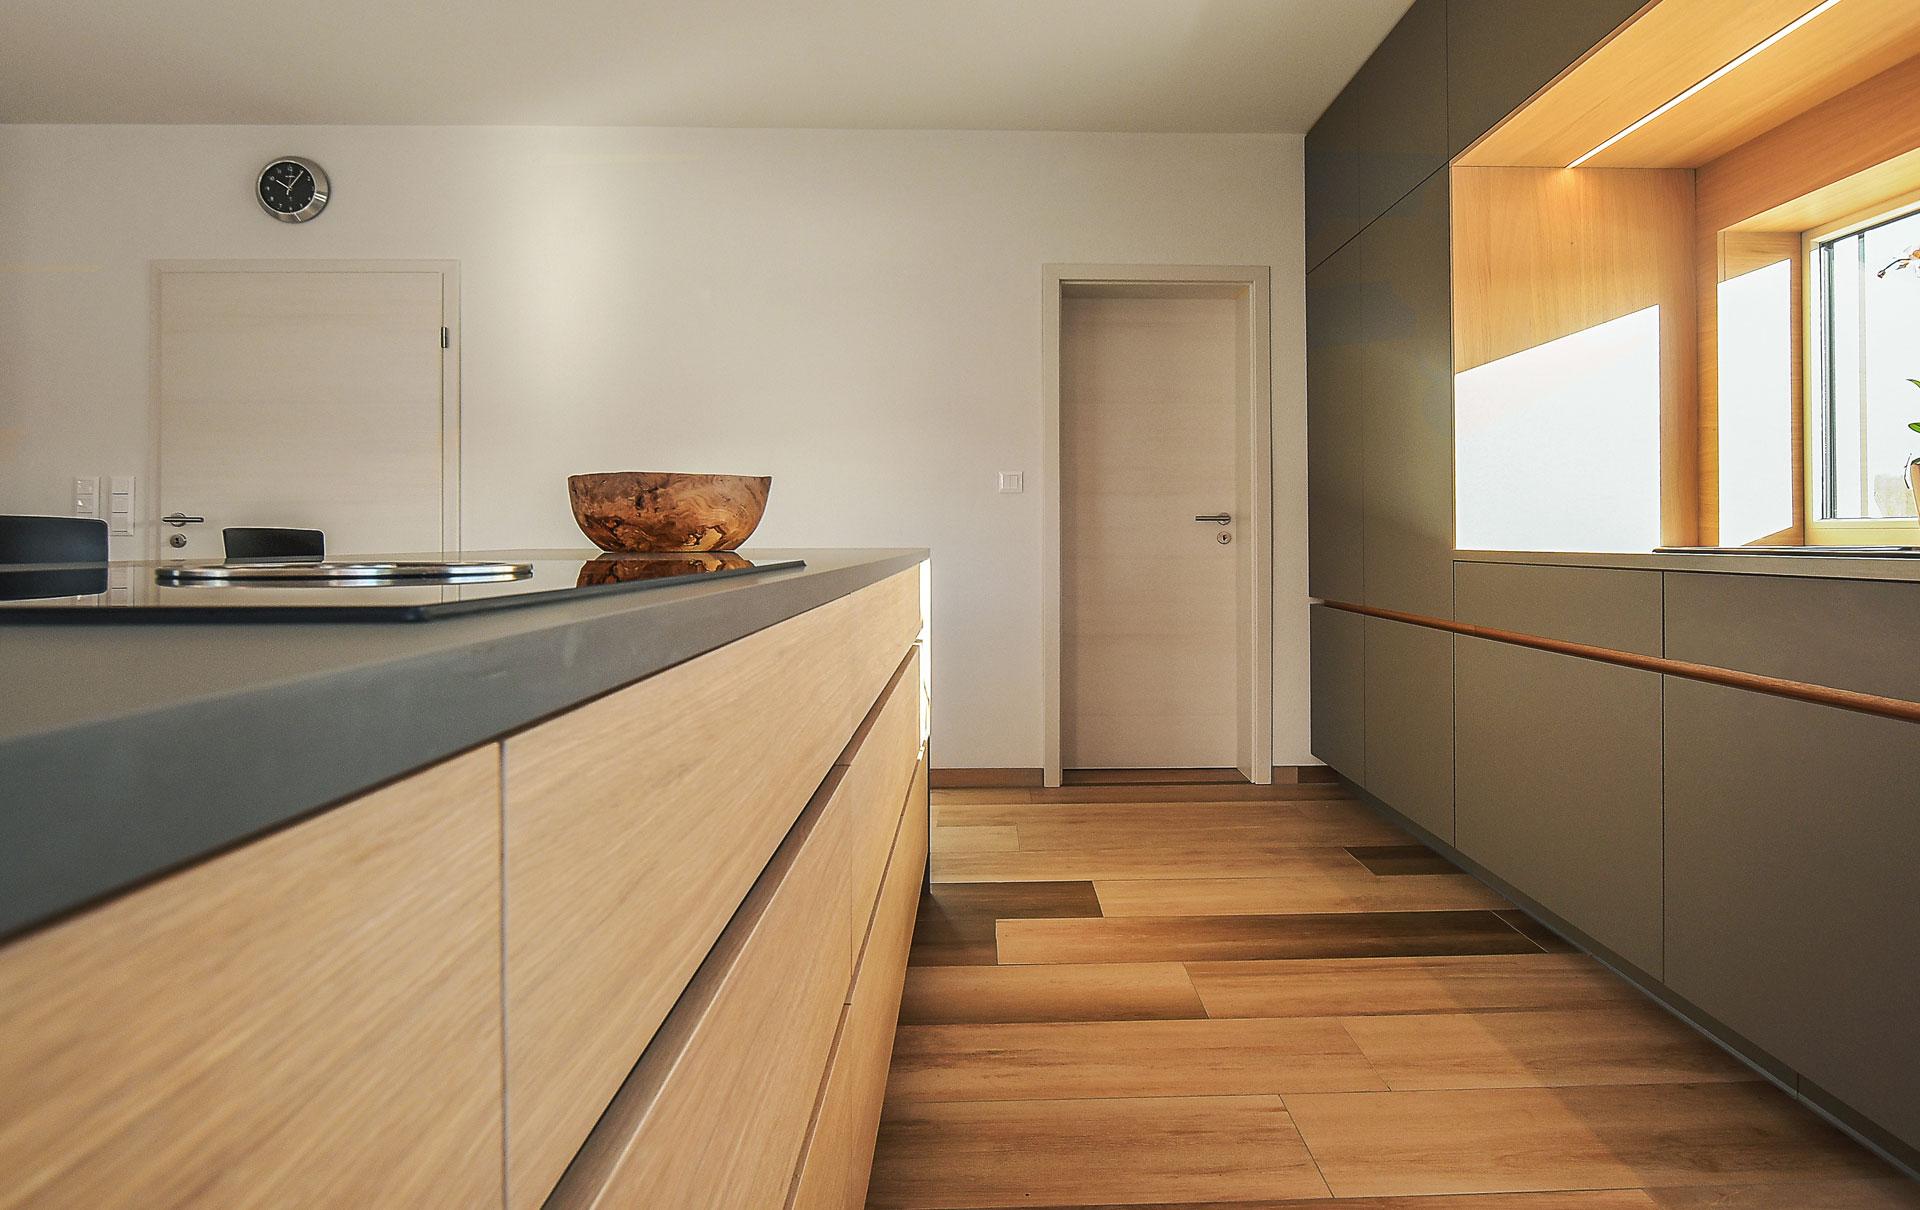 Küche mit Sitzgelegenheit am Kochfeld von Tino Skuthan ...